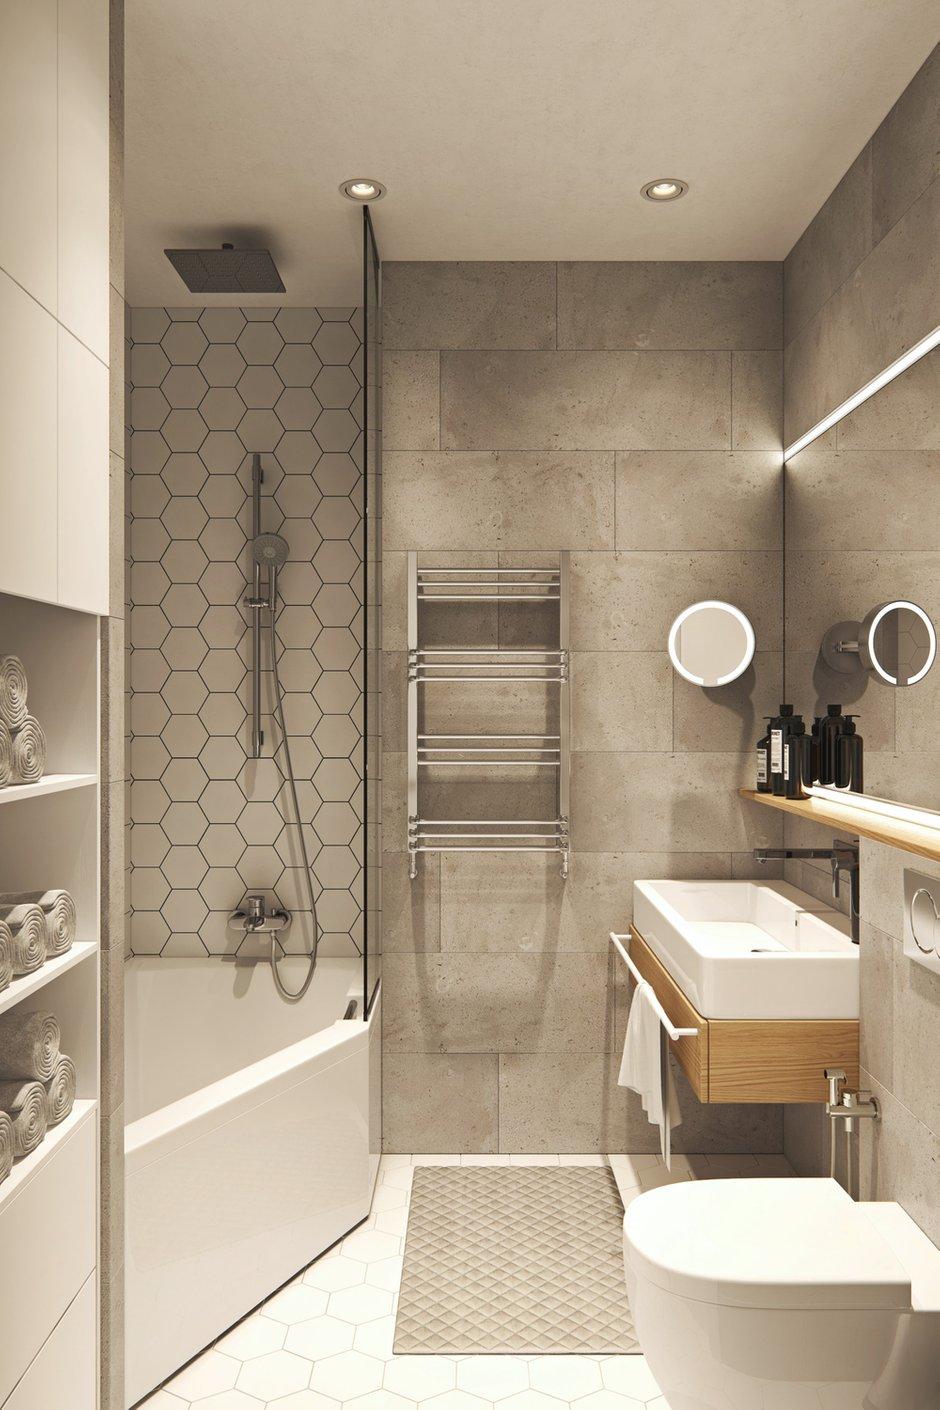 Фотография: Ванная в стиле Современный, Квартира, Проект недели, Москва, Geometrium, Монолитный дом, 3 комнаты, Более 90 метров, ЖК «Лайнер» – фото на INMYROOM